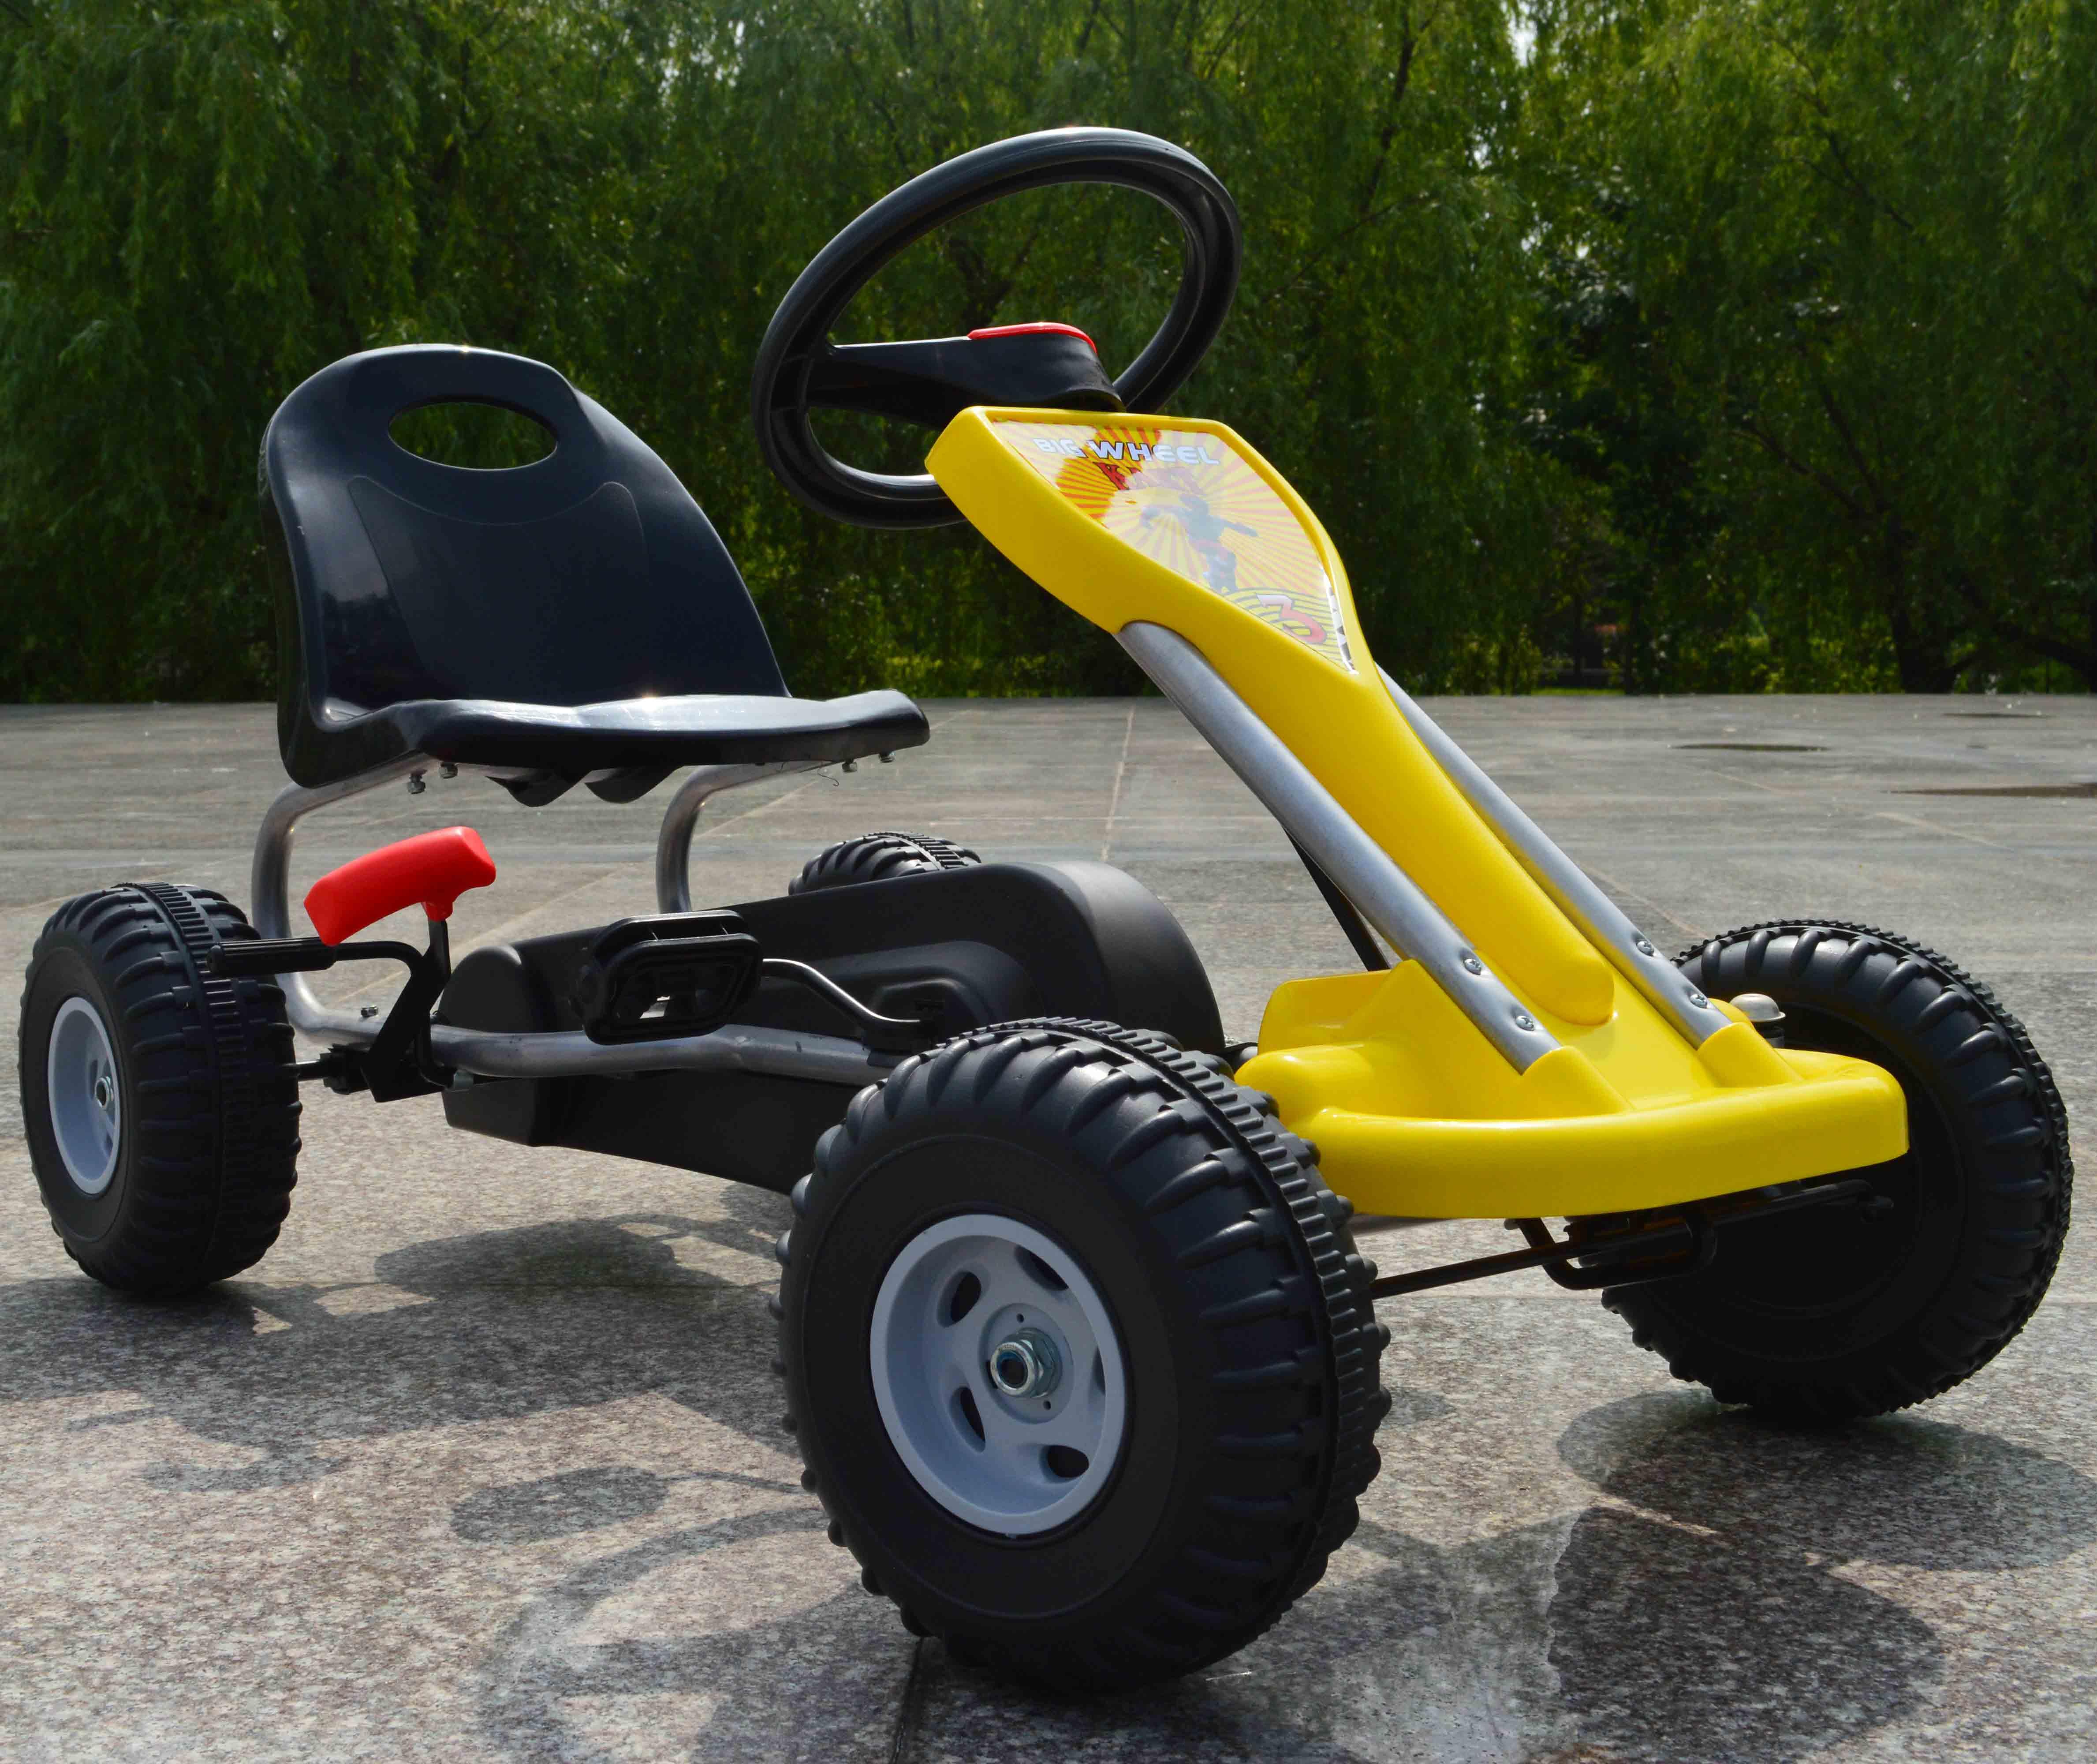 [해외]2-6 세 아이들 손 브레이크 페달 이동 카트 3 색/2-6 age Children hand brake pedal go karts 3 colors